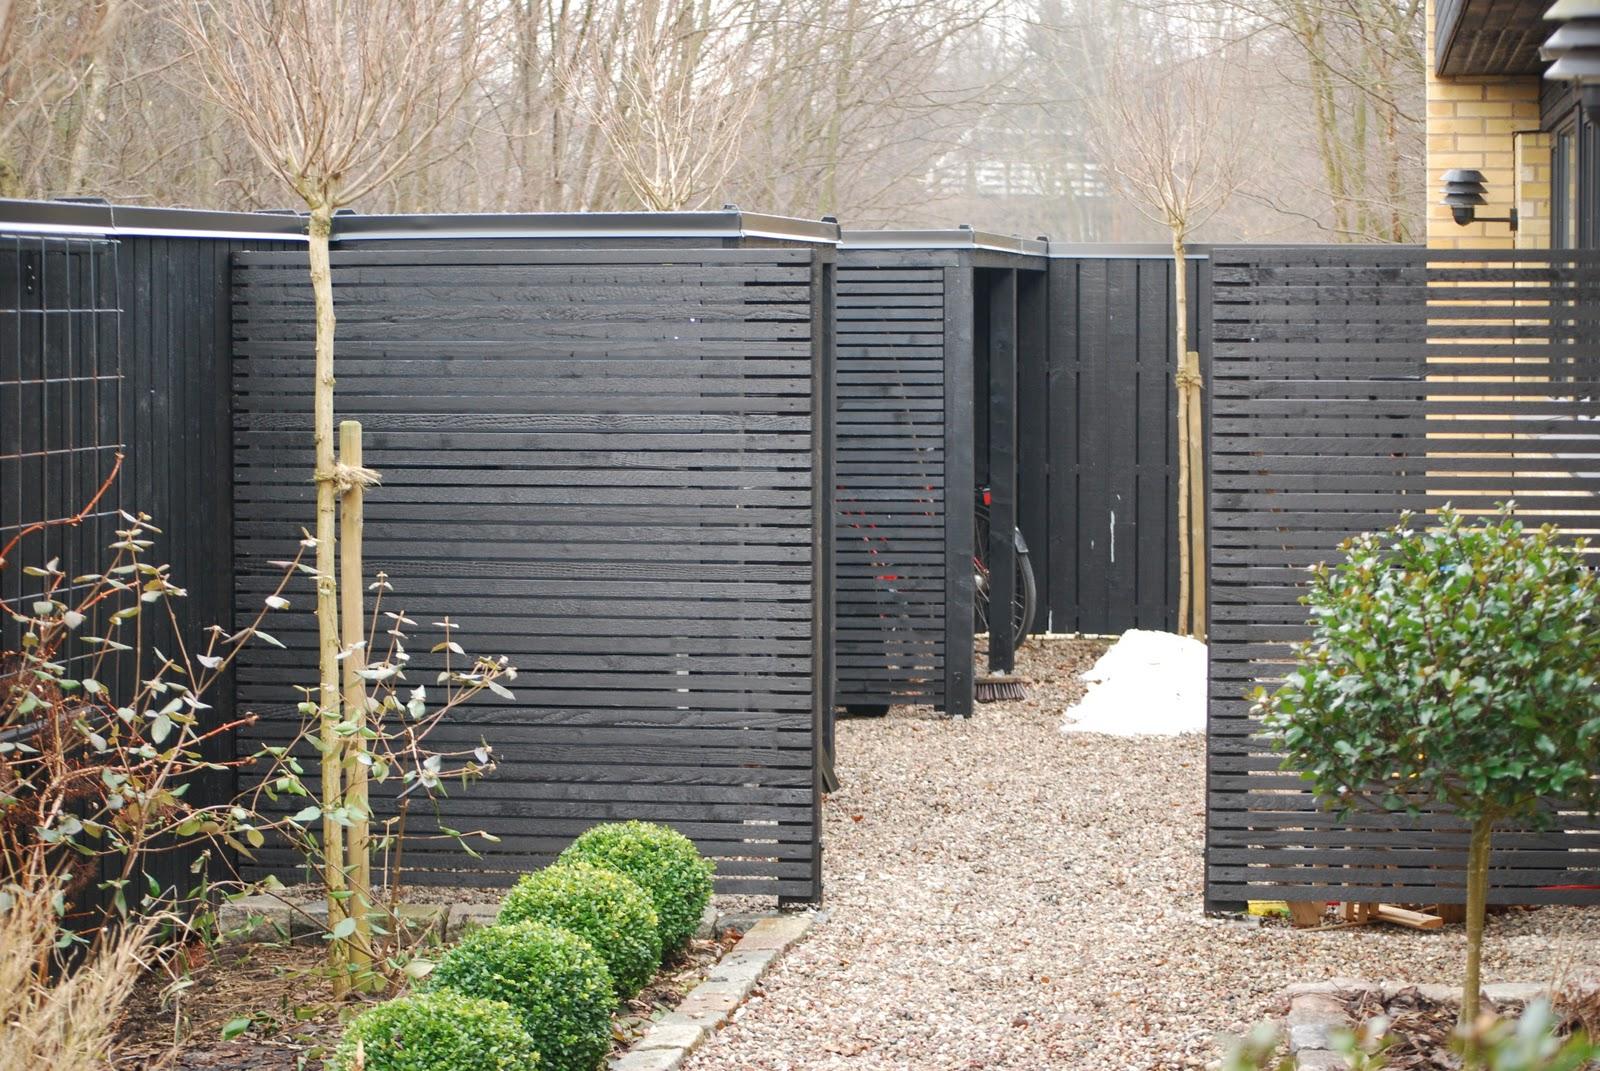 Trädgård plank trädgård : PlÃ¥tarbete pÃ¥ planket och ett Ã¥r med bloggen — Almbacken ...